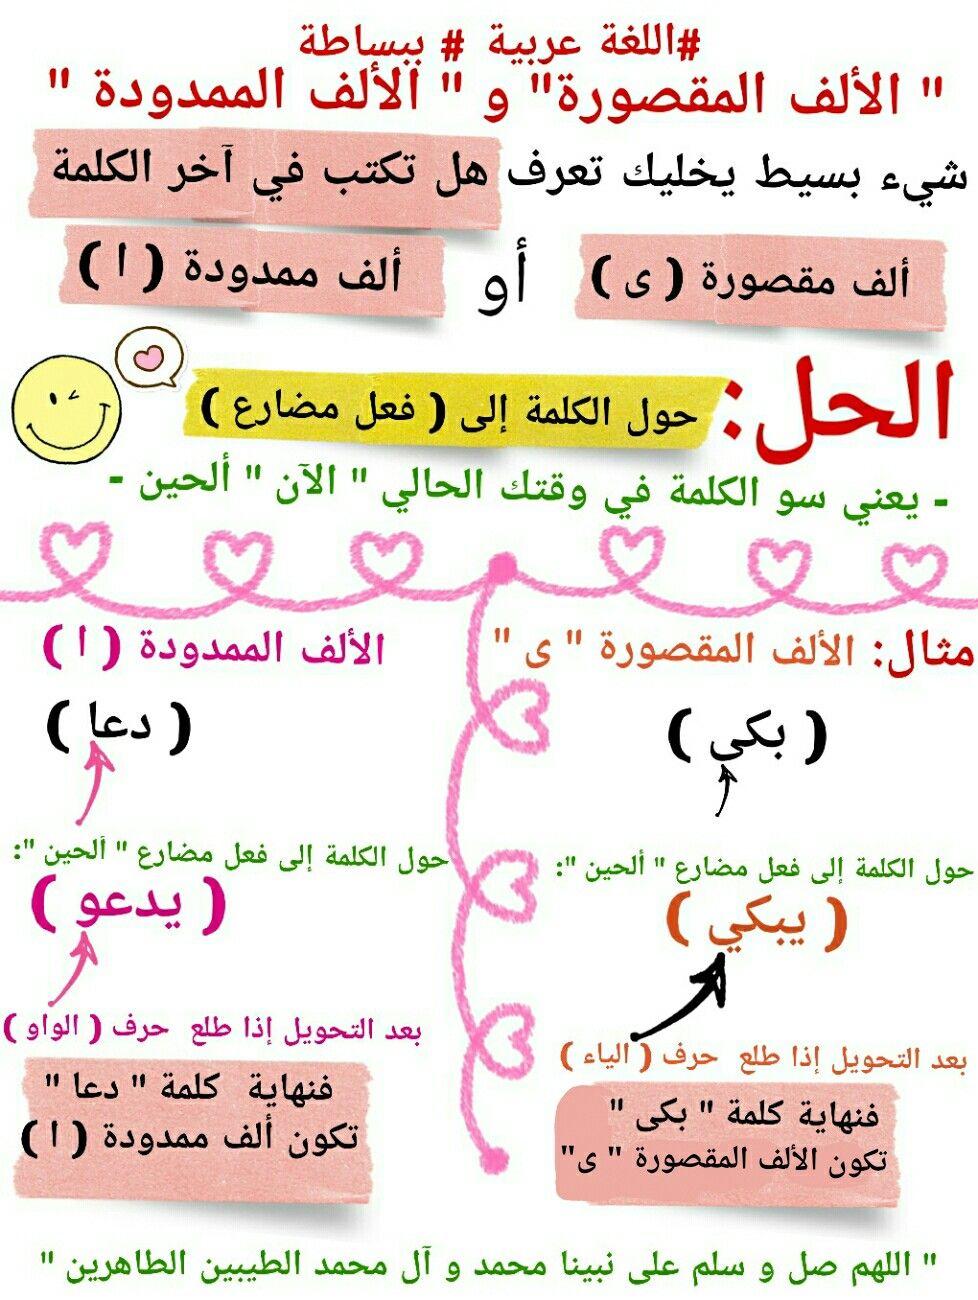 اللغة العربية نهاية الكلمة ى ا ألف الألف المقصورة الممدودة الفرق فرق Love Quotes For Him Arabic Books Teaching